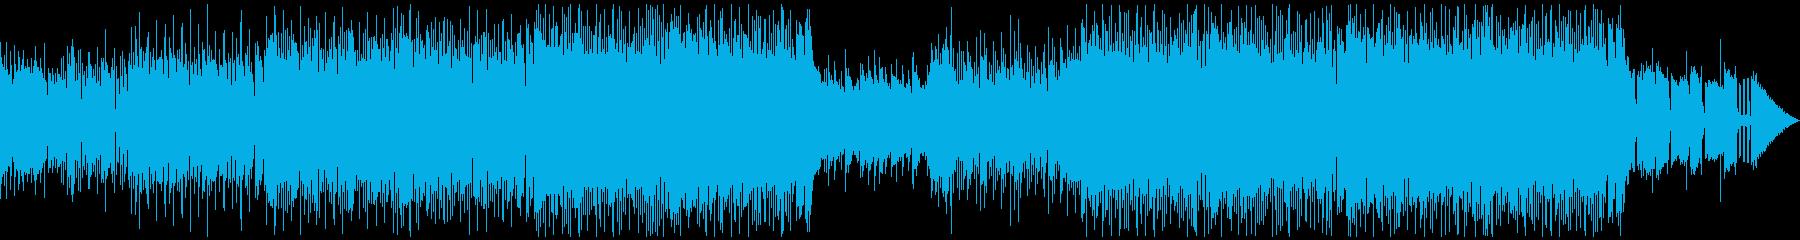 ファッショナブルなハウスポップダンス!の再生済みの波形